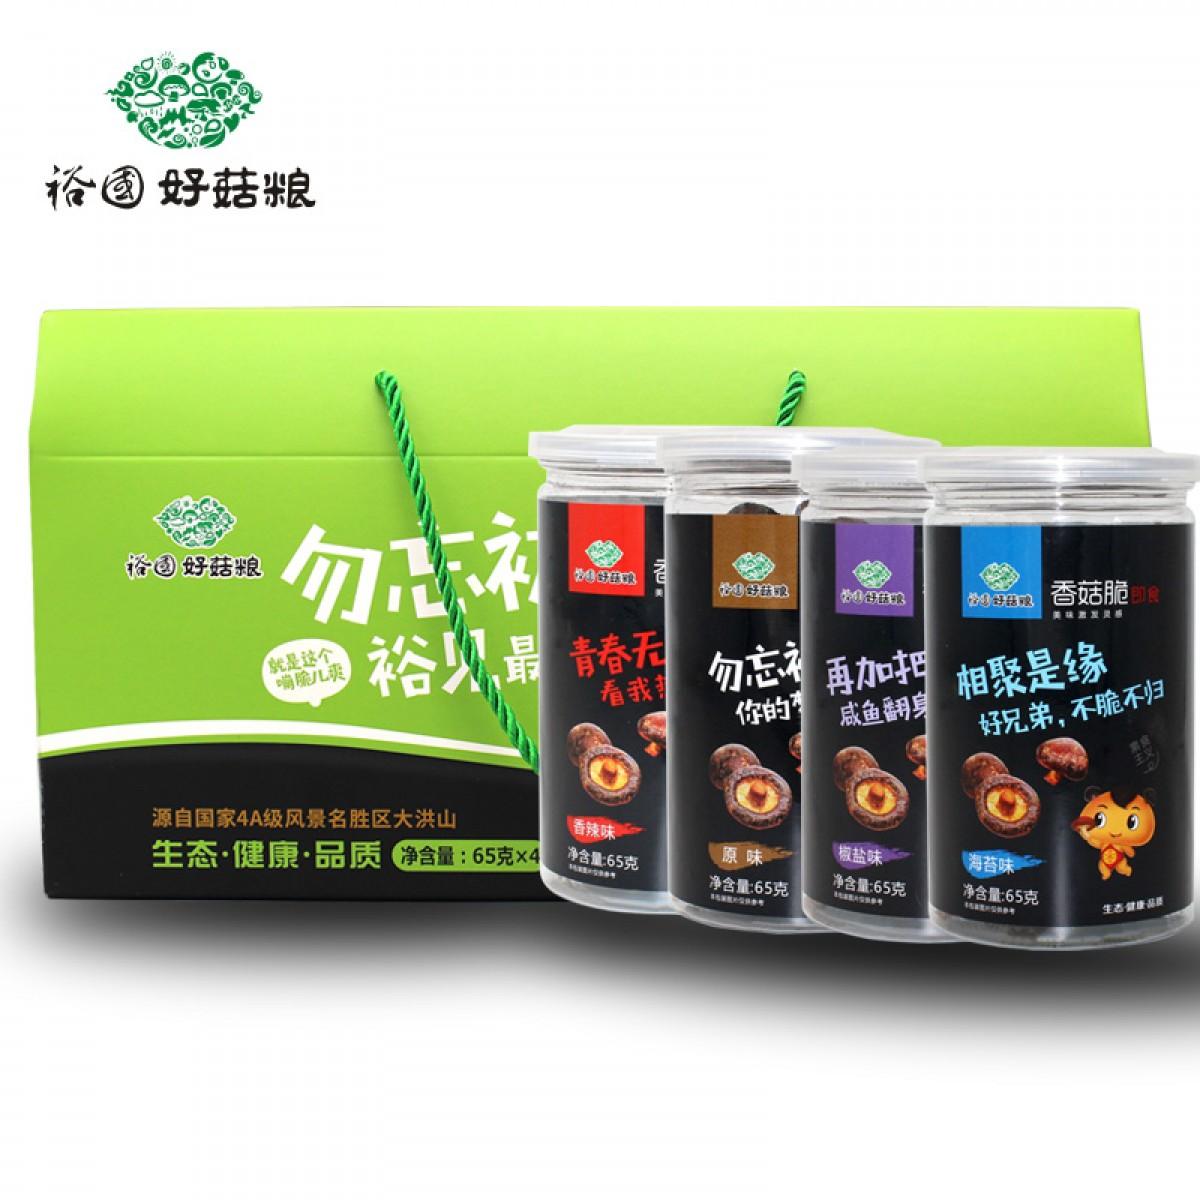 【精选礼盒】裕国香菇脆片礼盒 馈赠佳品